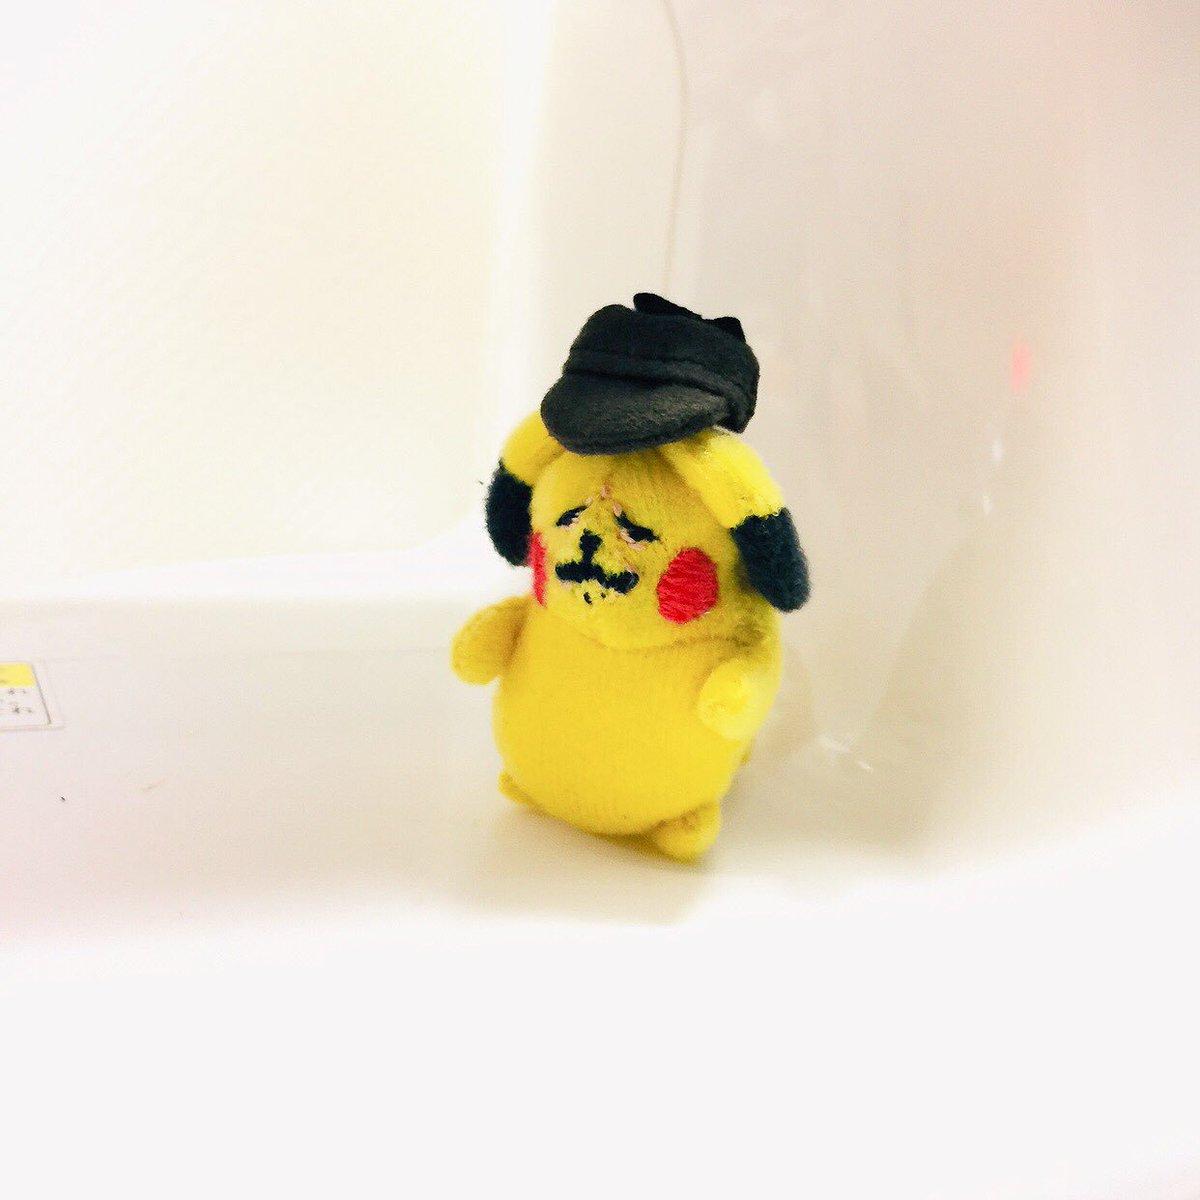 しおくちゃの名探偵ピカチュウ かわいいから作ってみたいな、とやってみたらめっちゃ悔しがってる犬みたいになったpic.twitter.com/R5EqJWT8qp